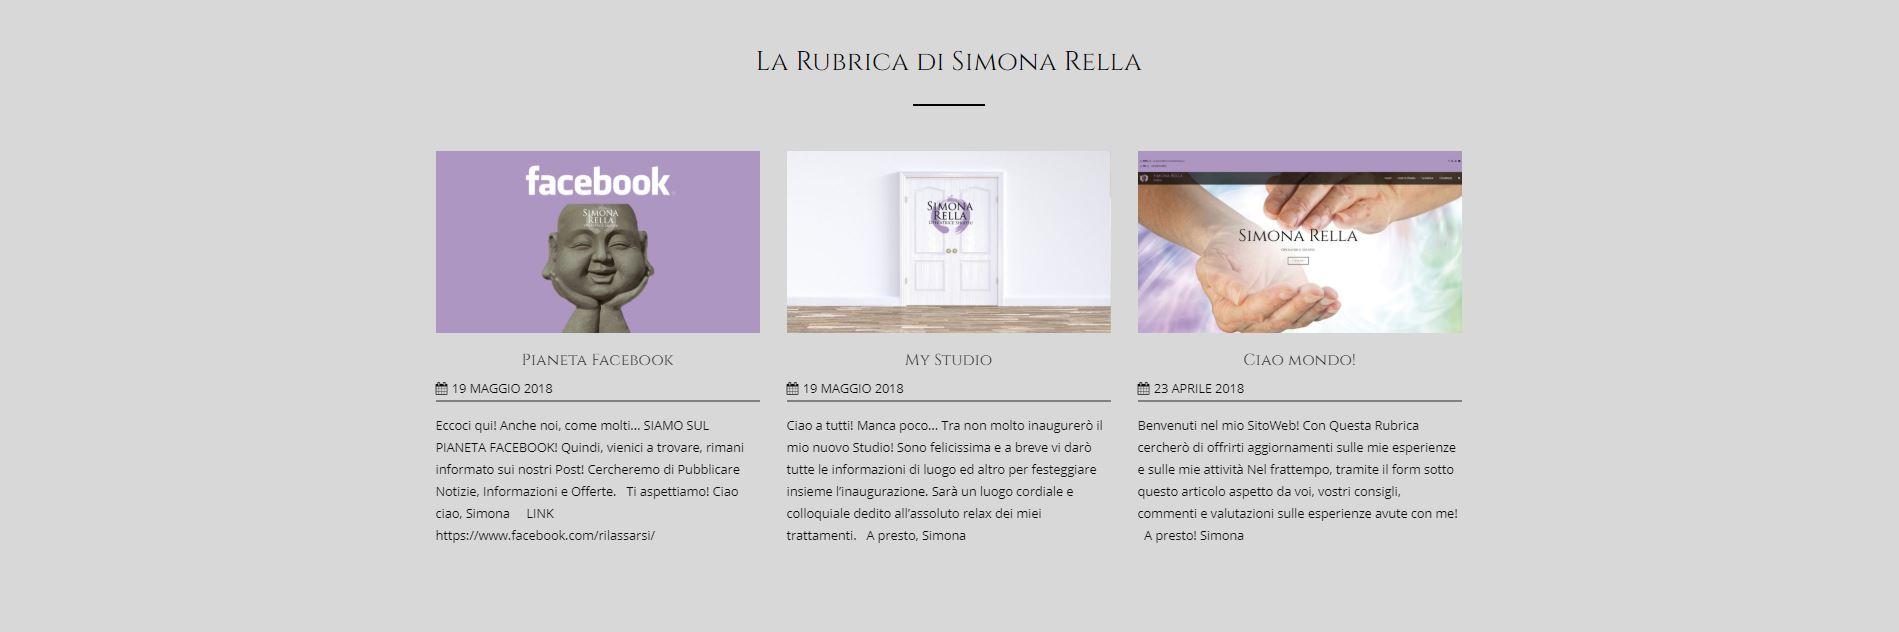 simonarella-shiatsu_LA-RUBRICA-DI-SIMONA-RELLA